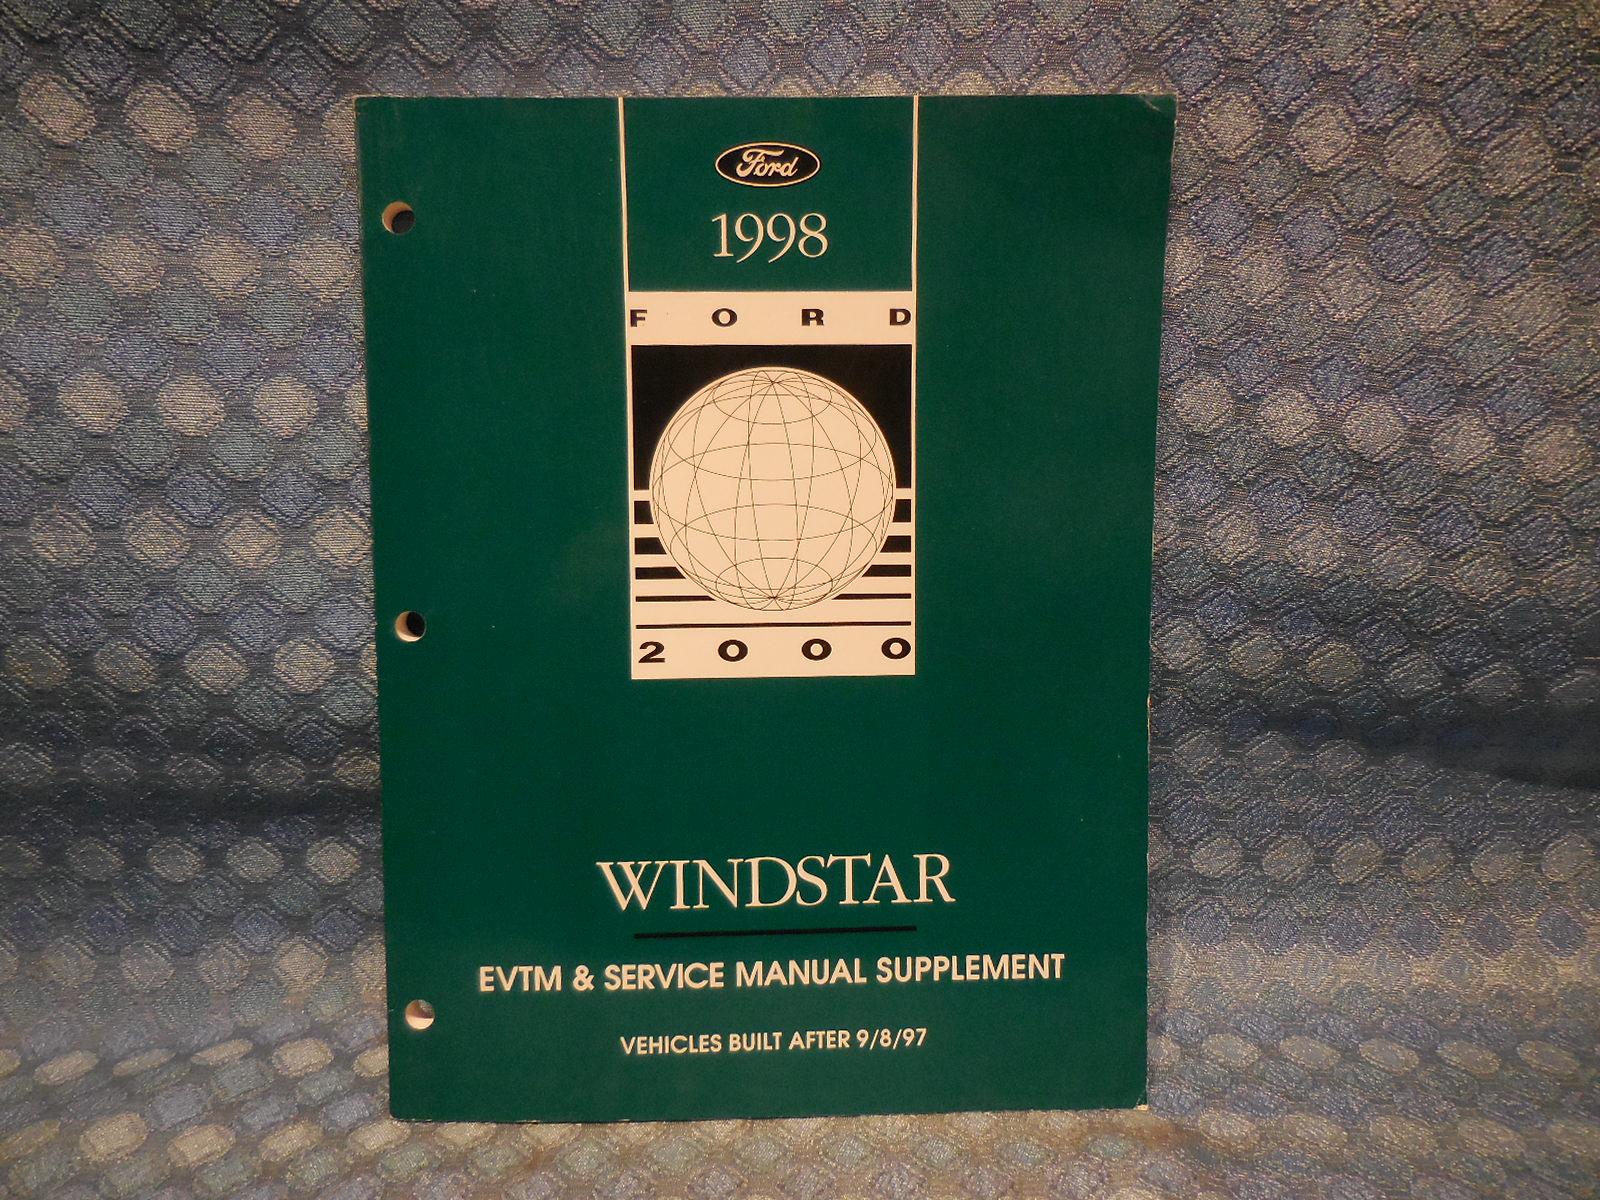 1998 ford windstar oem evtm service manual supplement. Black Bedroom Furniture Sets. Home Design Ideas